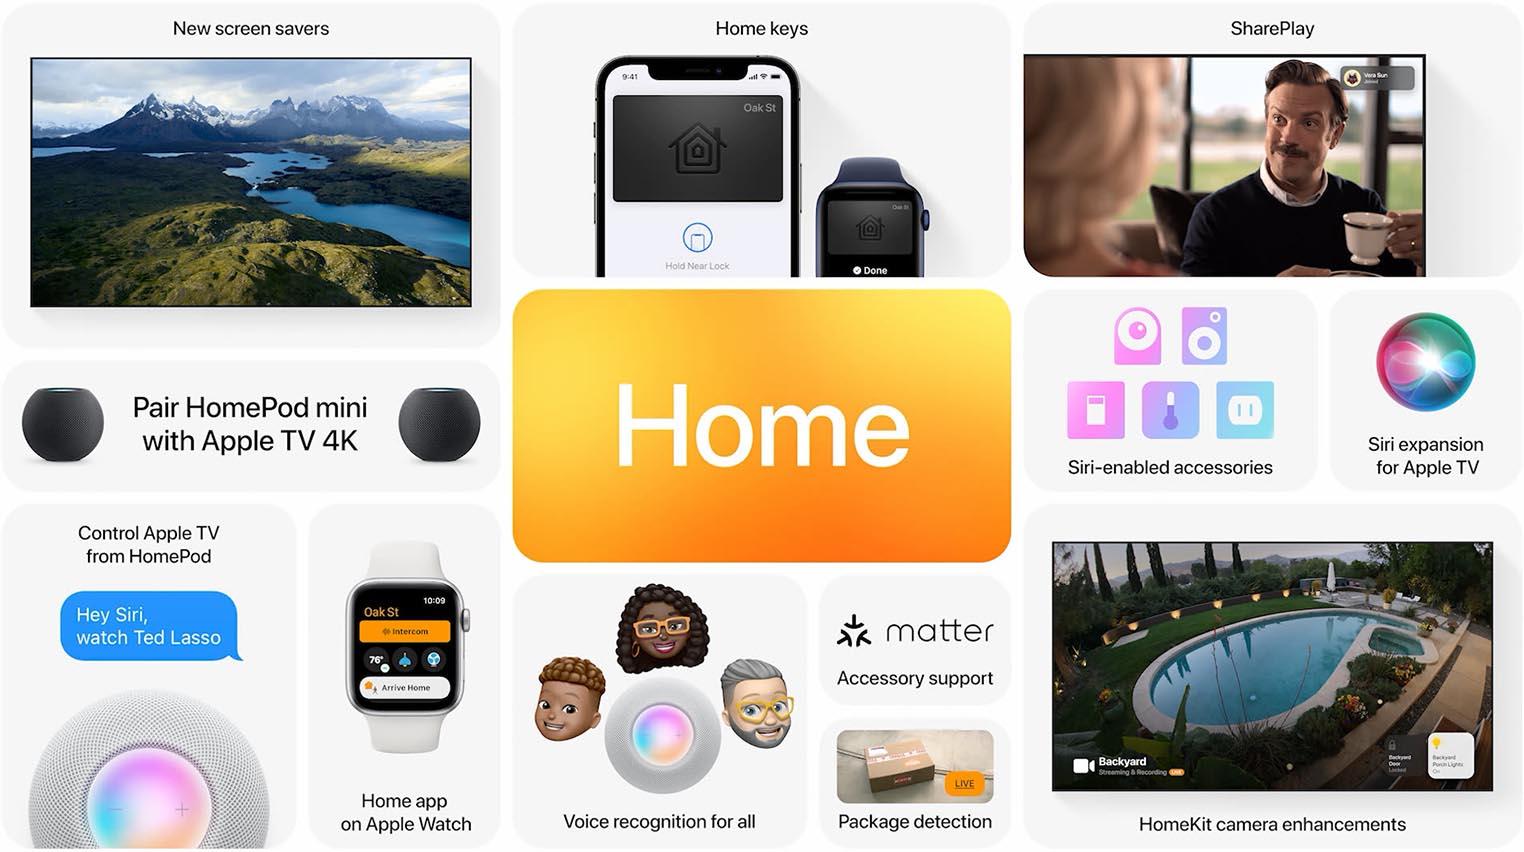 Jak zainstalować tvOS 15 na Apple TV poradniki, ciekawostki tvos 15, nowosci w tvOS 15, jak zainstalowac tvos 15, jak przygotowac apple tv do instalacji tvos 15, Apple TV  Firma Apple wypuści dziś wieczorem finalną wersję tvOS 15, więc w tym wpisie wyjaśniamy, jak przygotować i zaktualizować Apple TV do najnowszej wersji systemu. tvos 15 home